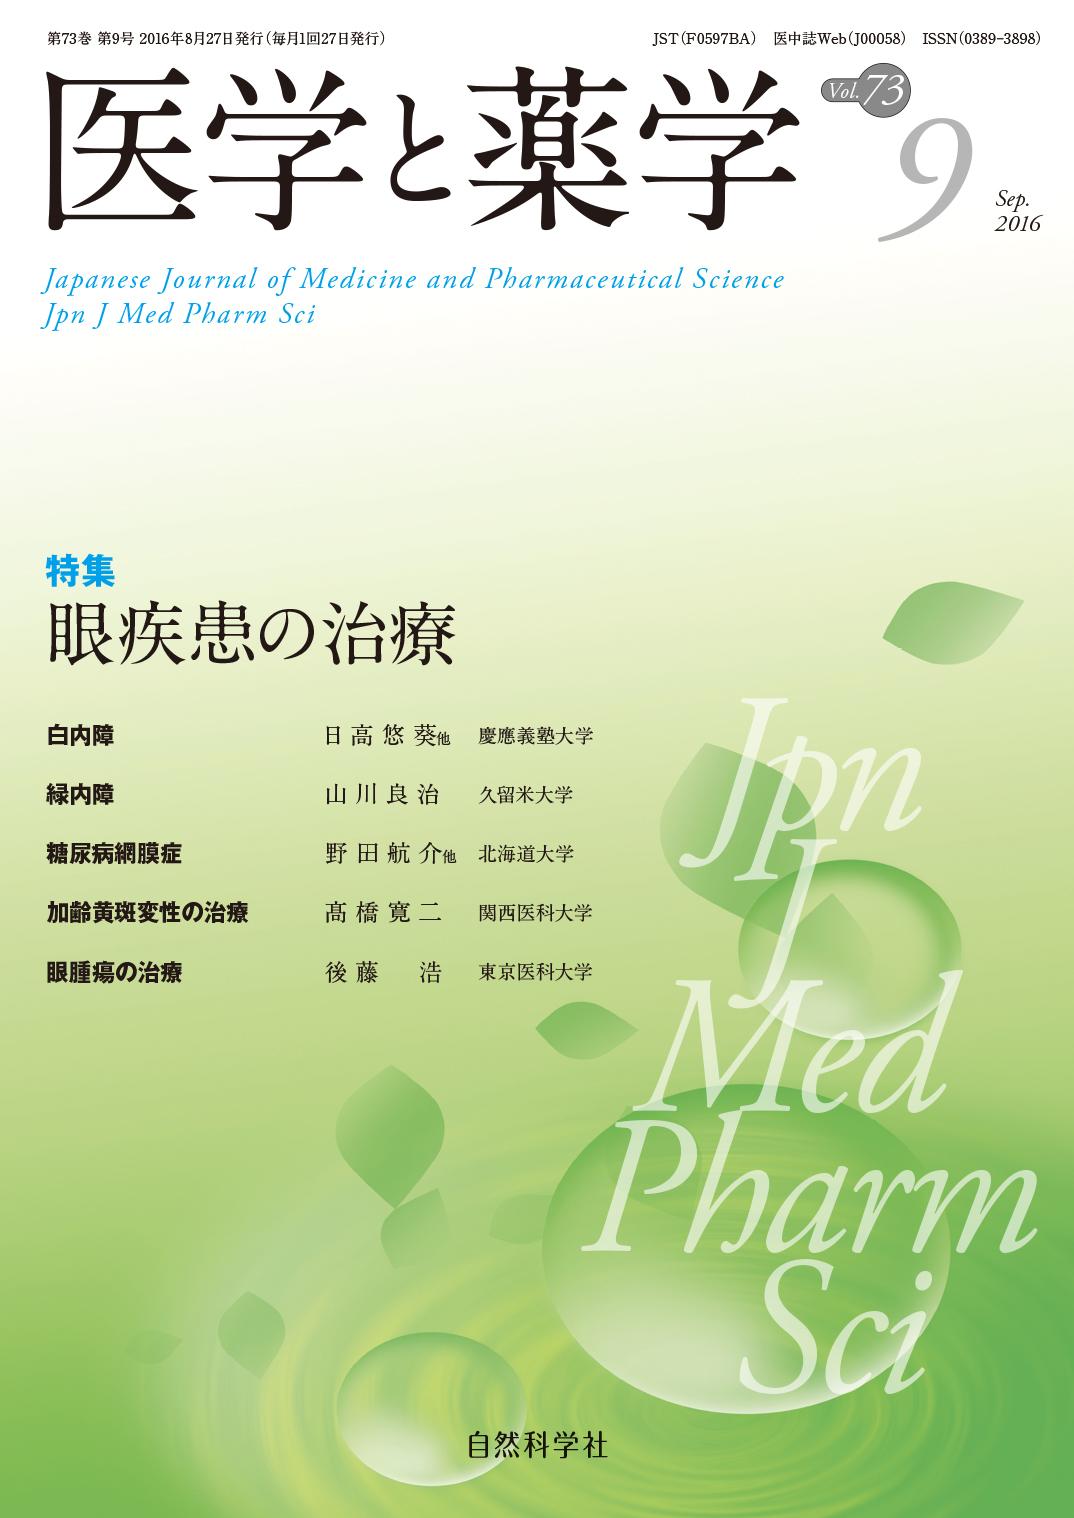 医学と薬学73巻9号2016年9月